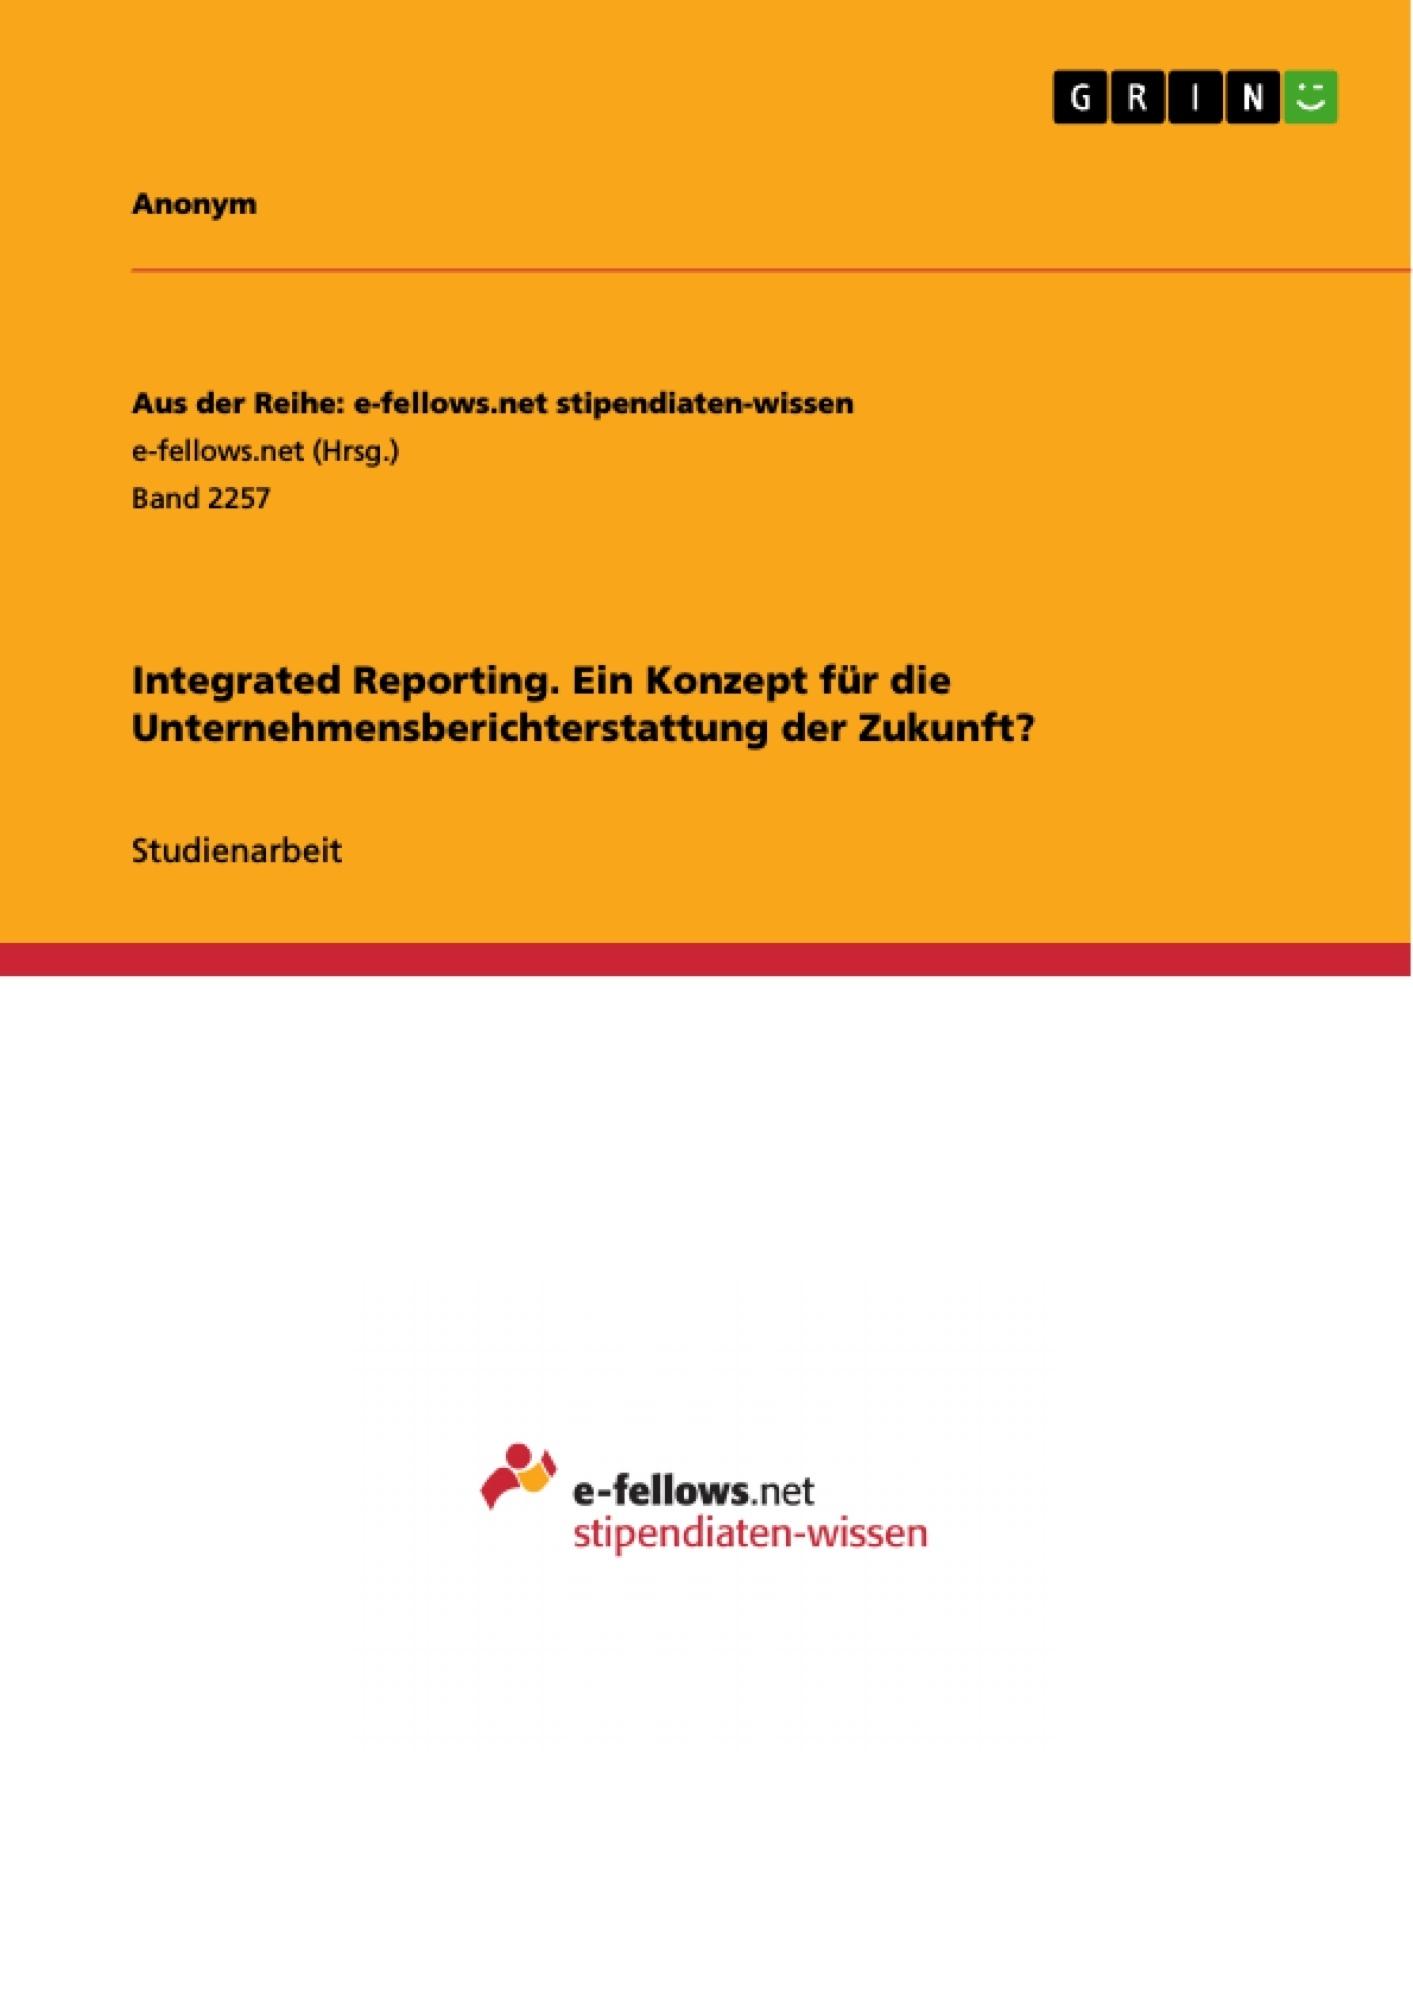 Titel: Integrated Reporting. Ein Konzept für die Unternehmensberichterstattung der Zukunft?